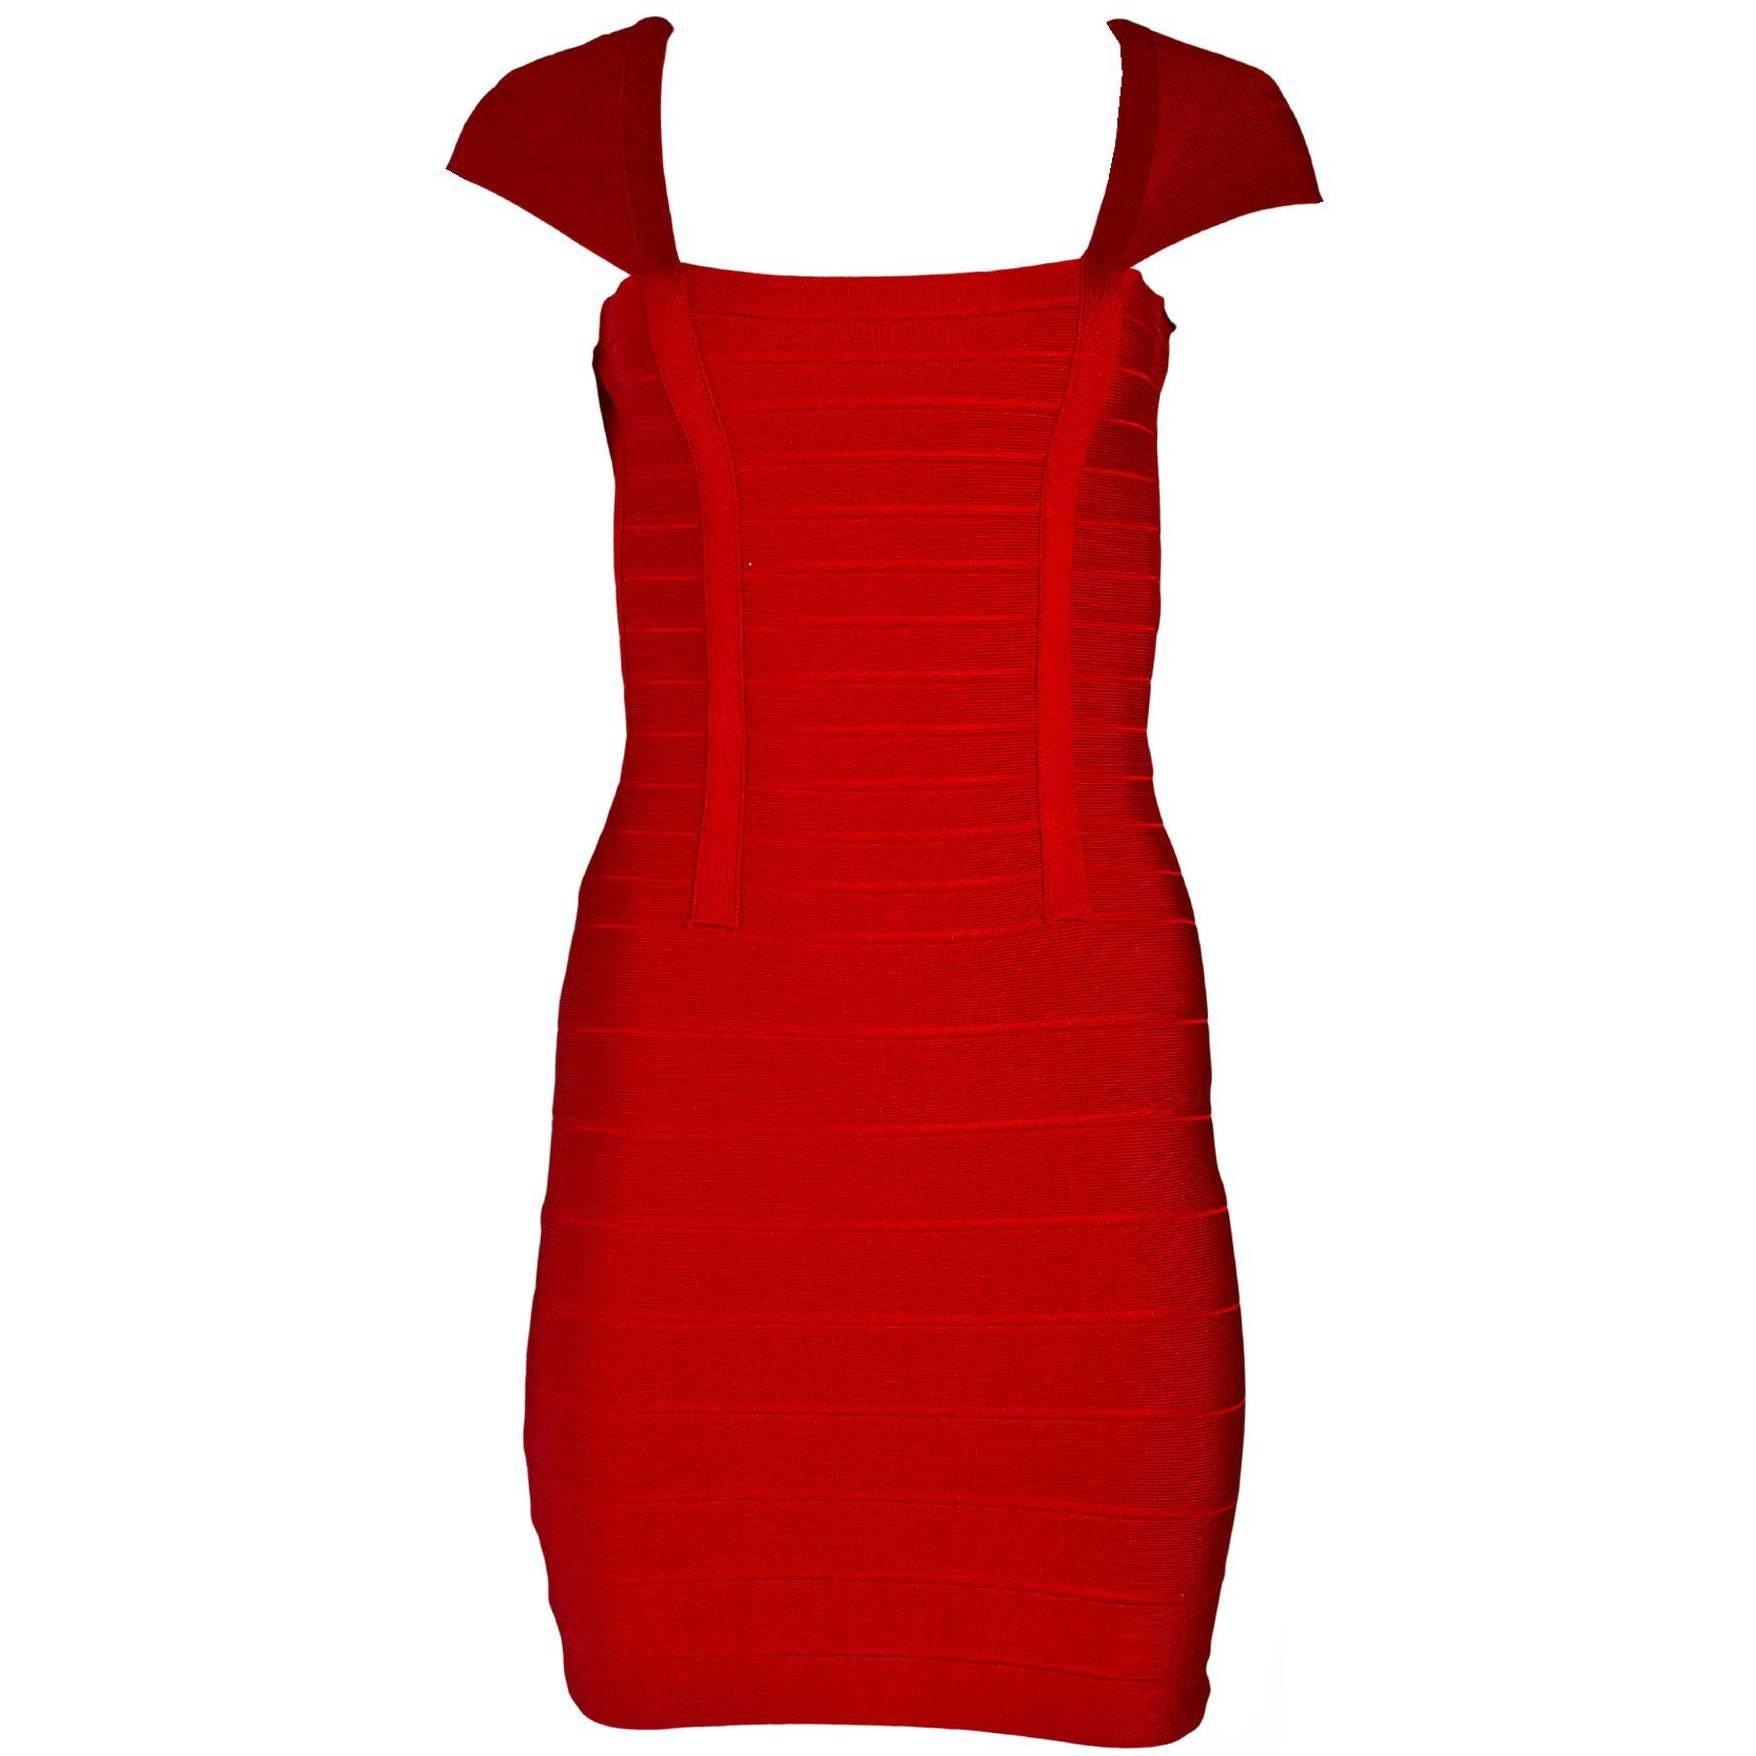 Herve Leger Red Bandage Dress Sz S For Sale at 1stdibs